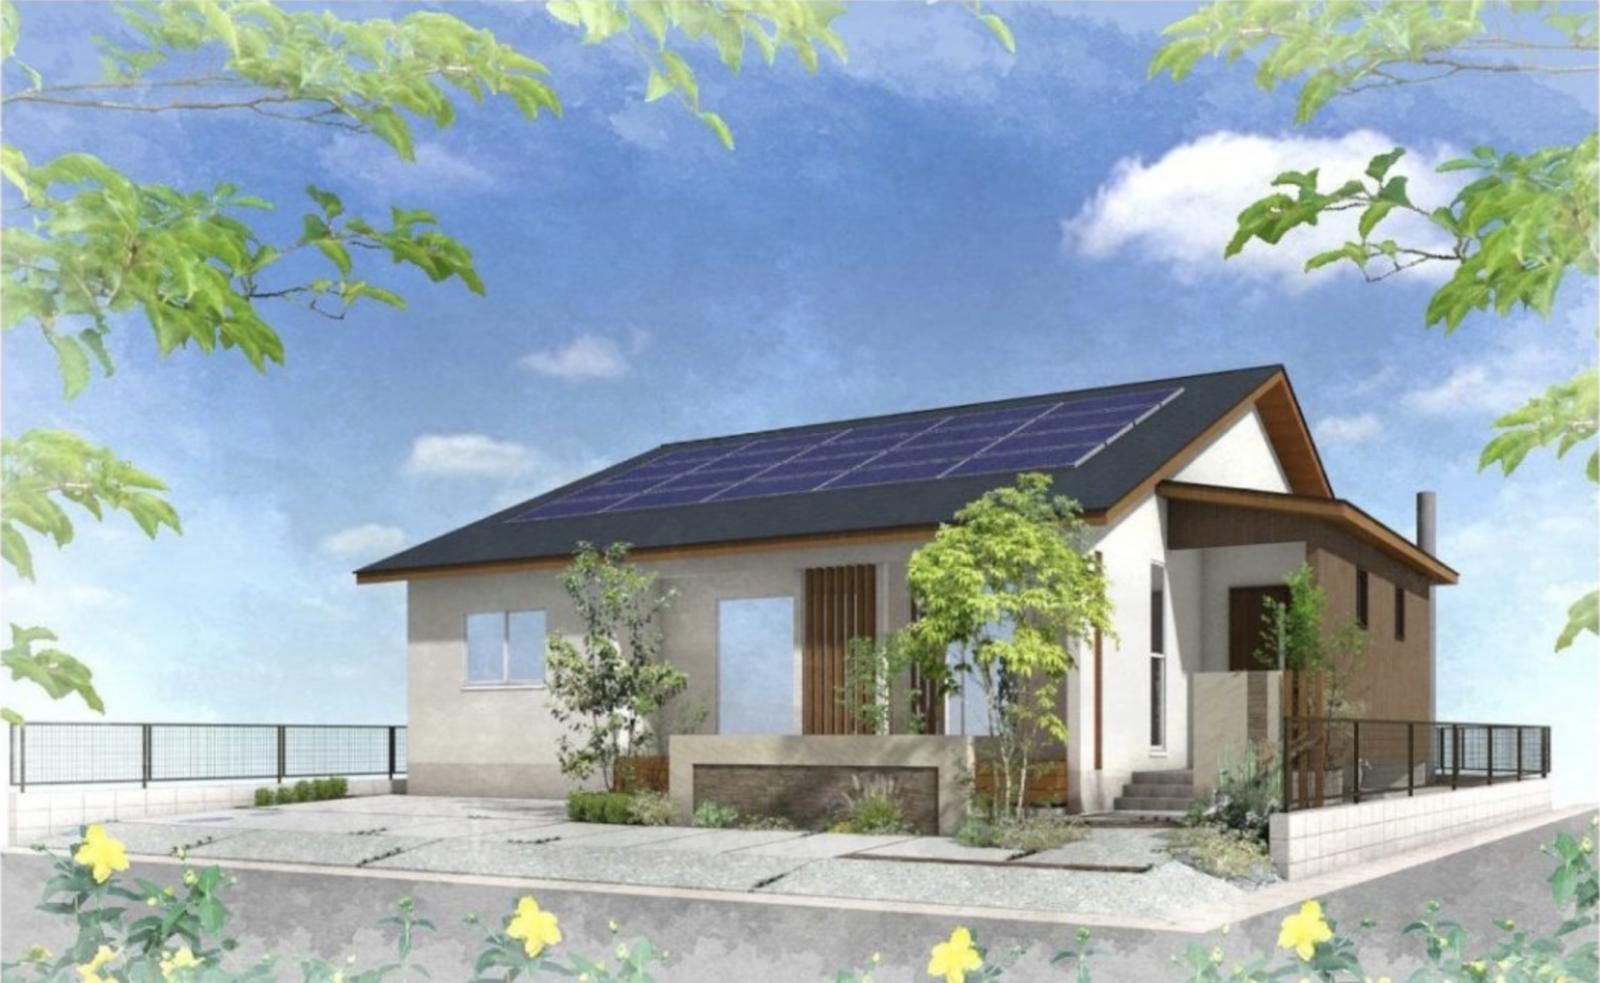 ヤマサハウス |  平屋のLCCMモデルハウス見学会 【薩摩川内市五代町】